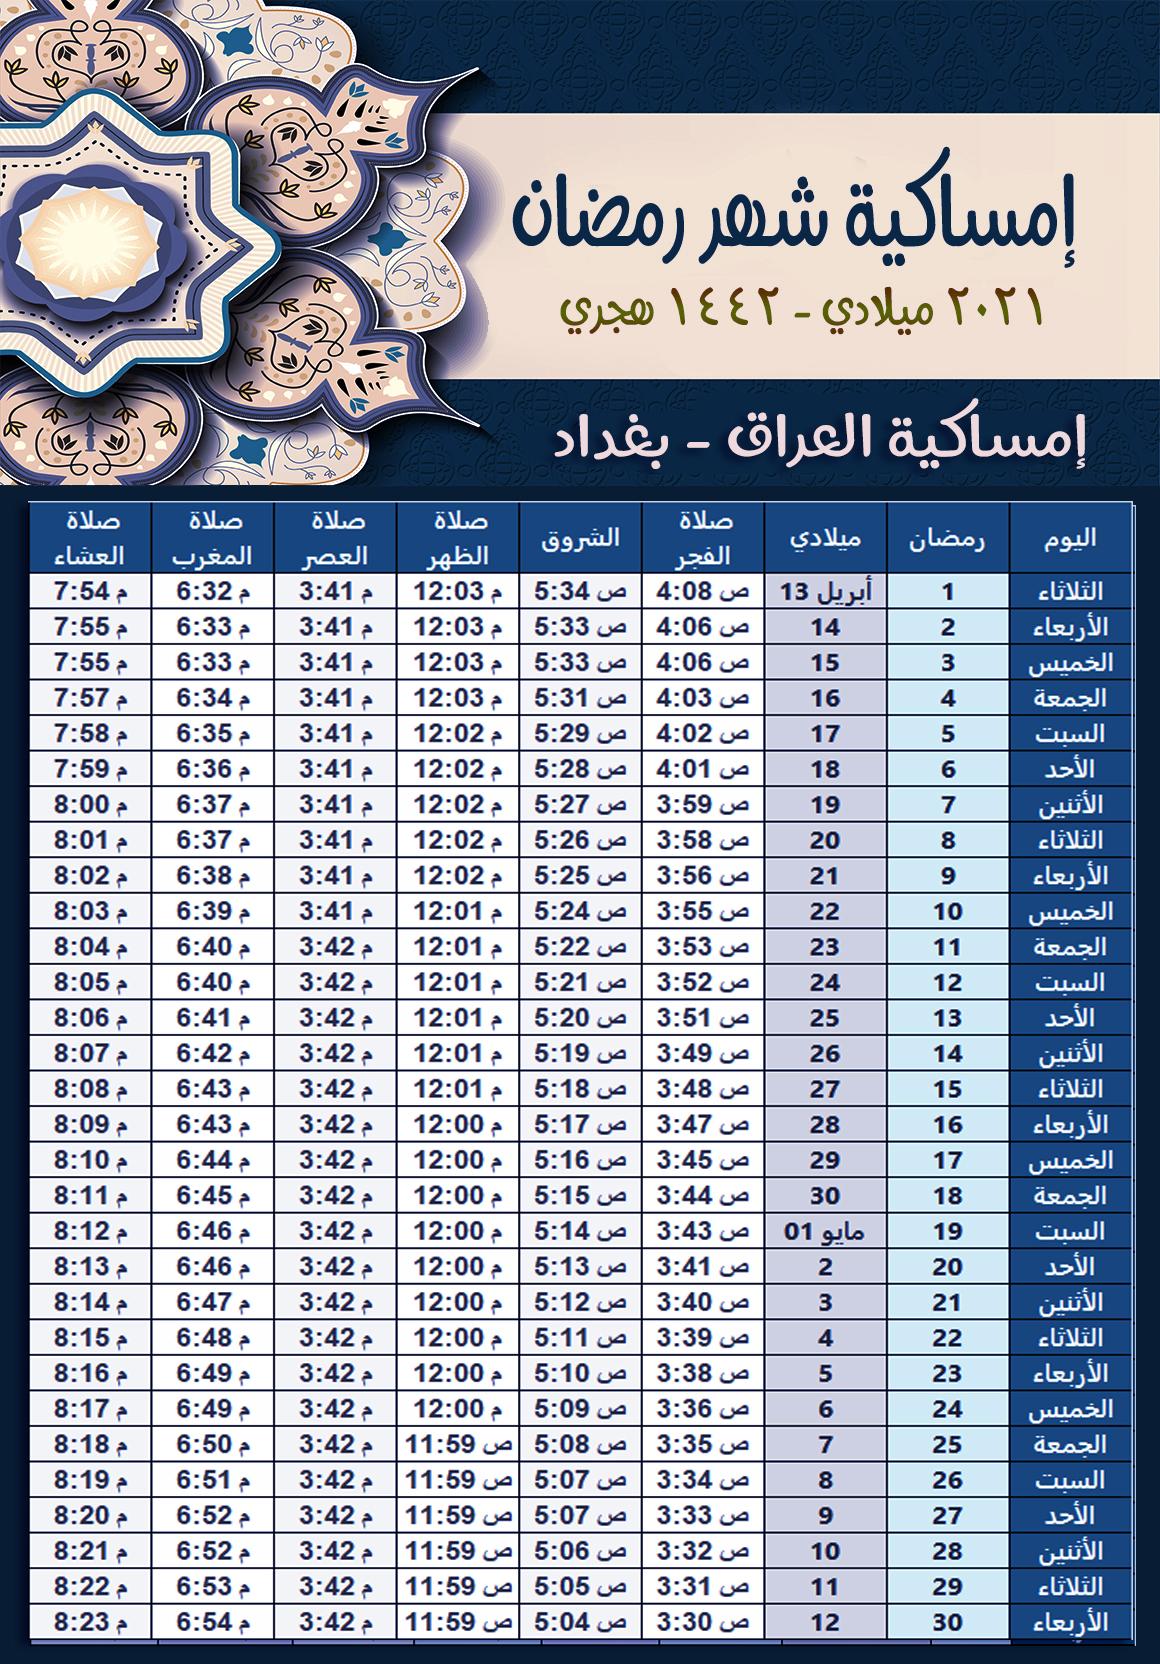 امساكية رمضان 2021 العراق بغداد 1442 هجري Baghdad Iraq Ramadan Imsakia